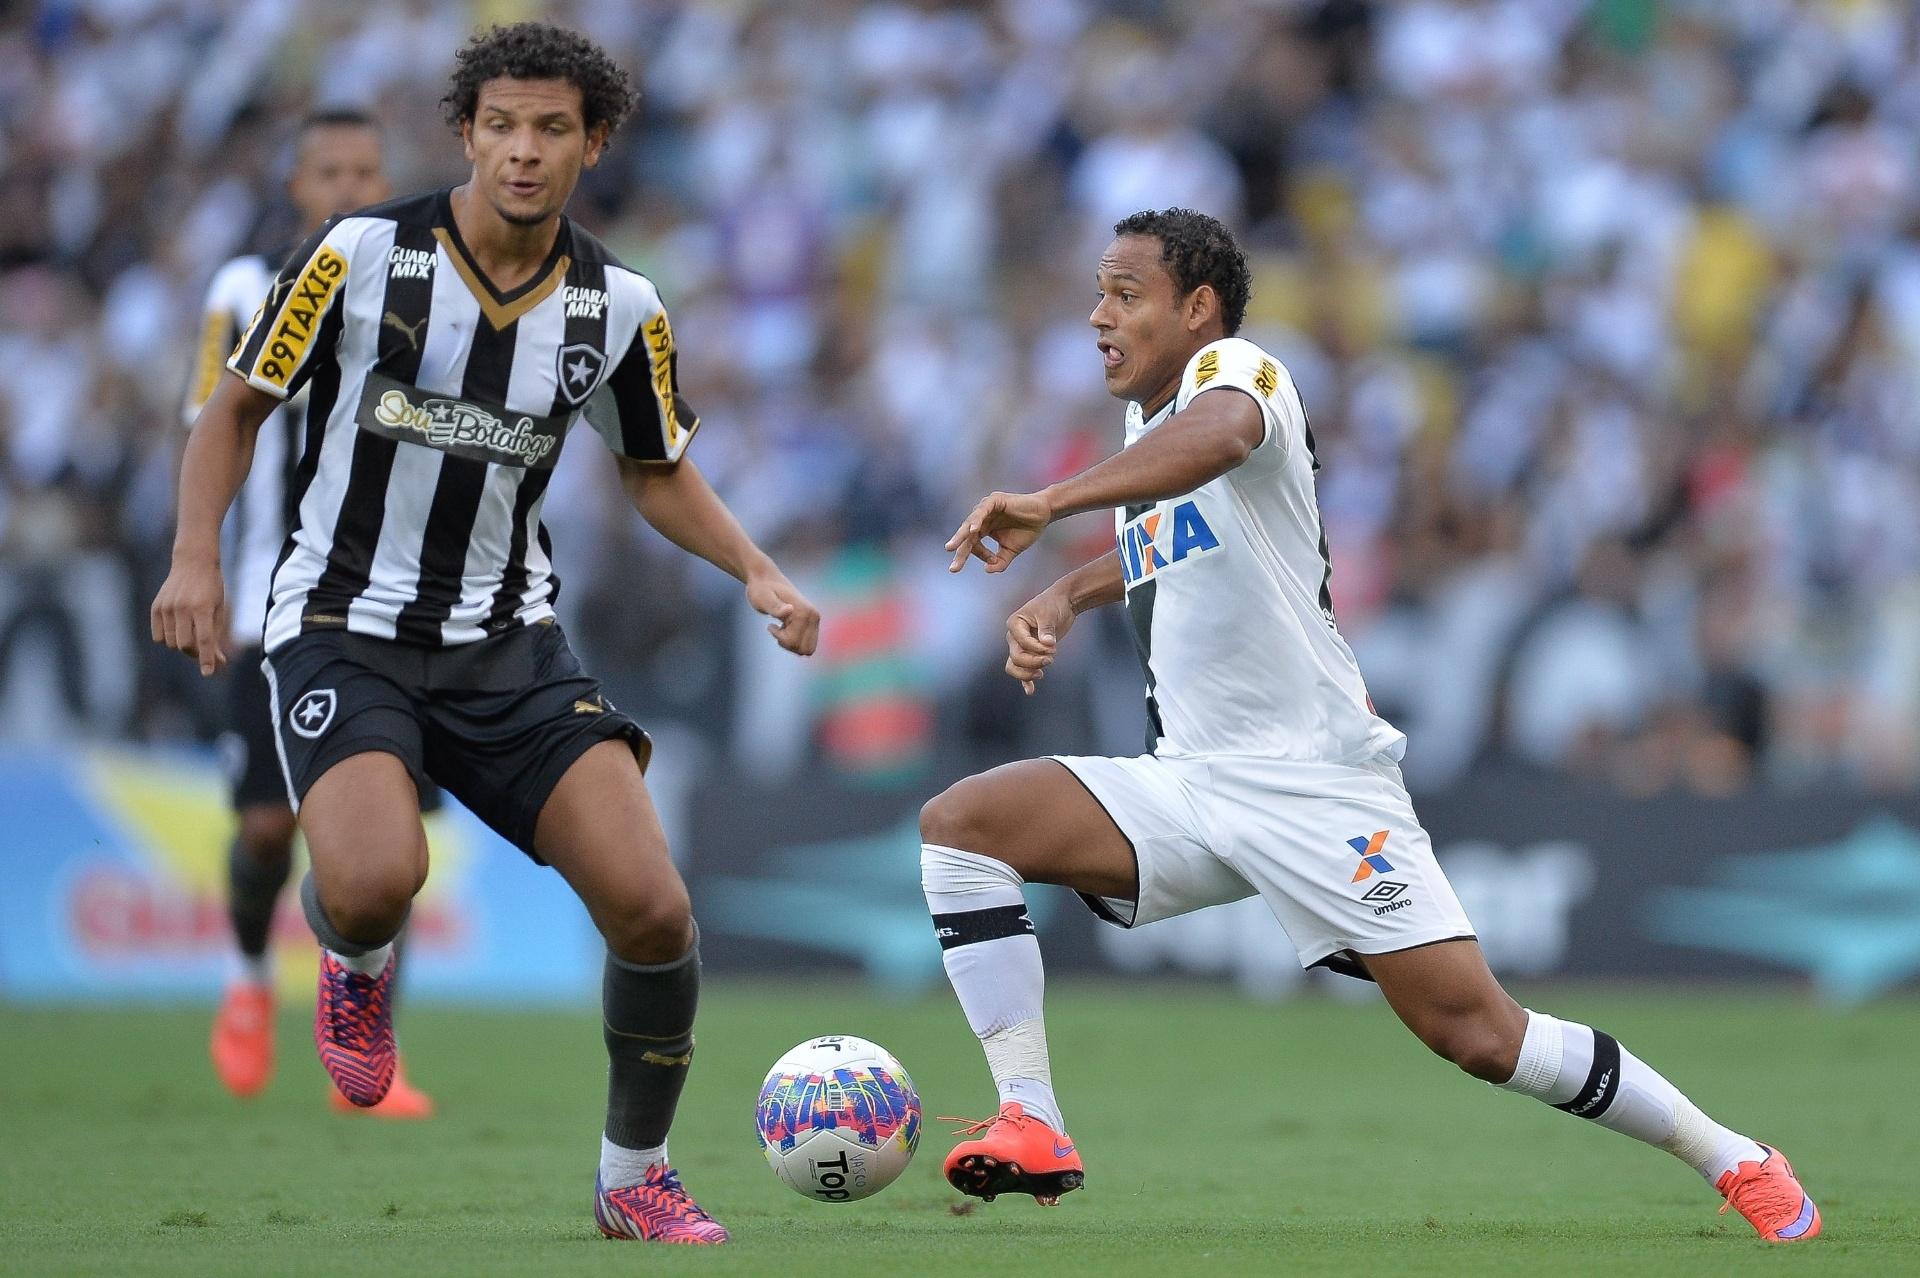 Fotos  Vasco e Botafogo se enfrentam na final do Campeonato Carioca ... 50984386d658a